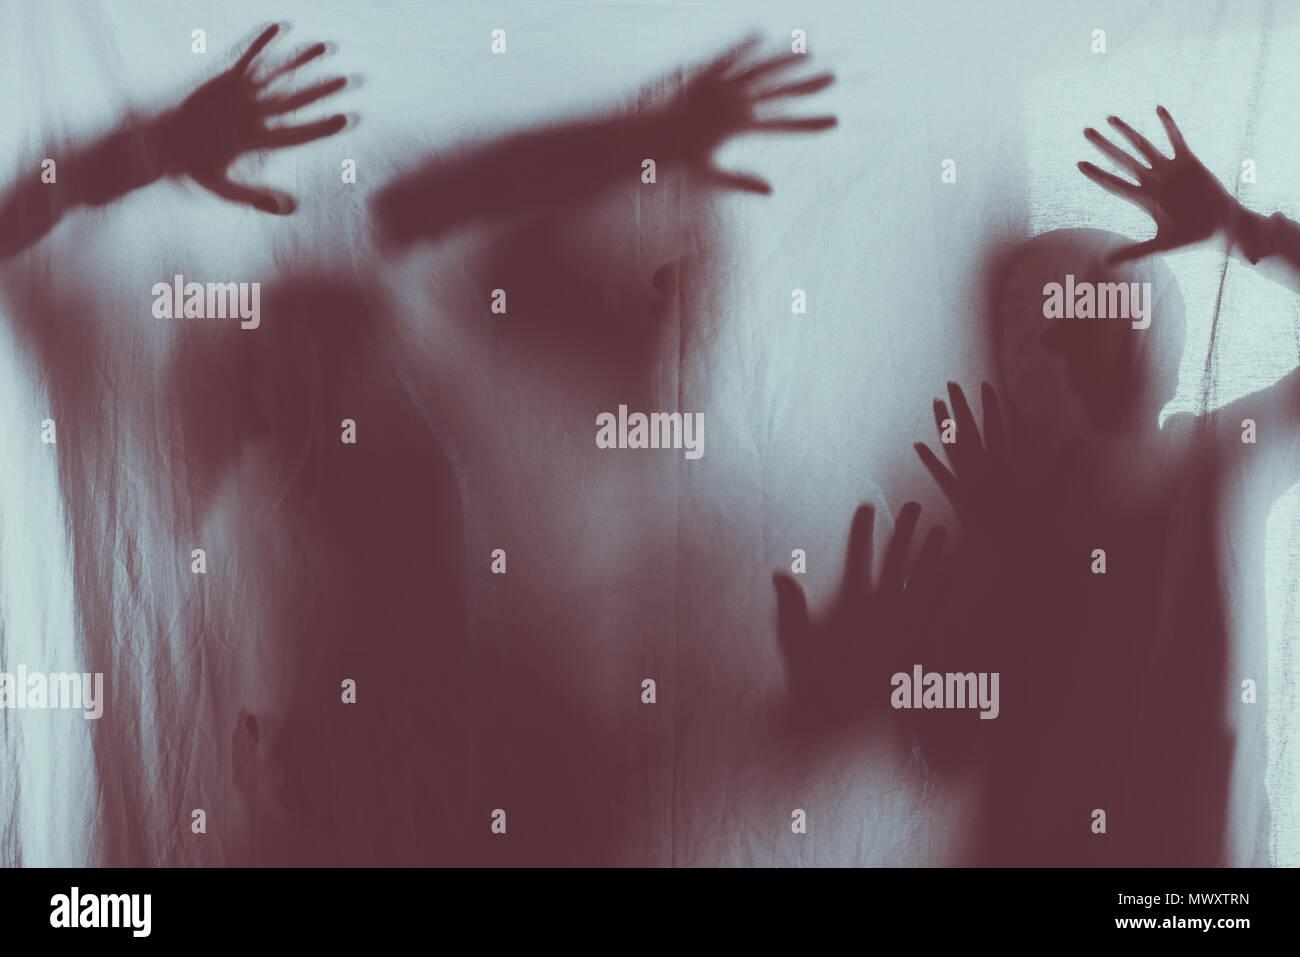 Miedo borrosas siluetas de personas tocando el vidrio esmerilado con manos Imagen De Stock